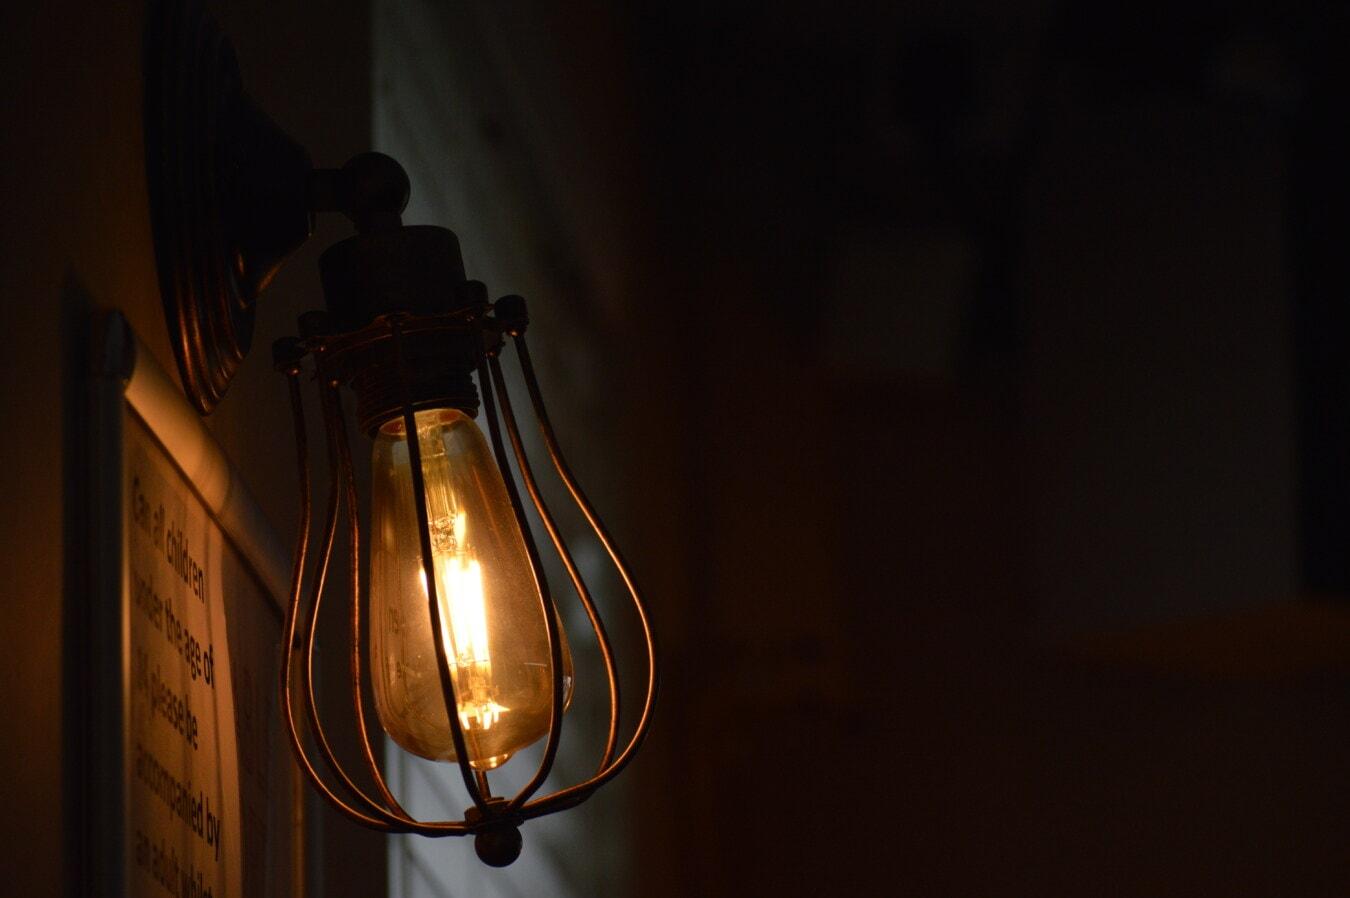 Lampe, Antik, Glühbirne, Lamm, Lumen, Schatten, Wand, aus Gusseisen, Draht, Strom